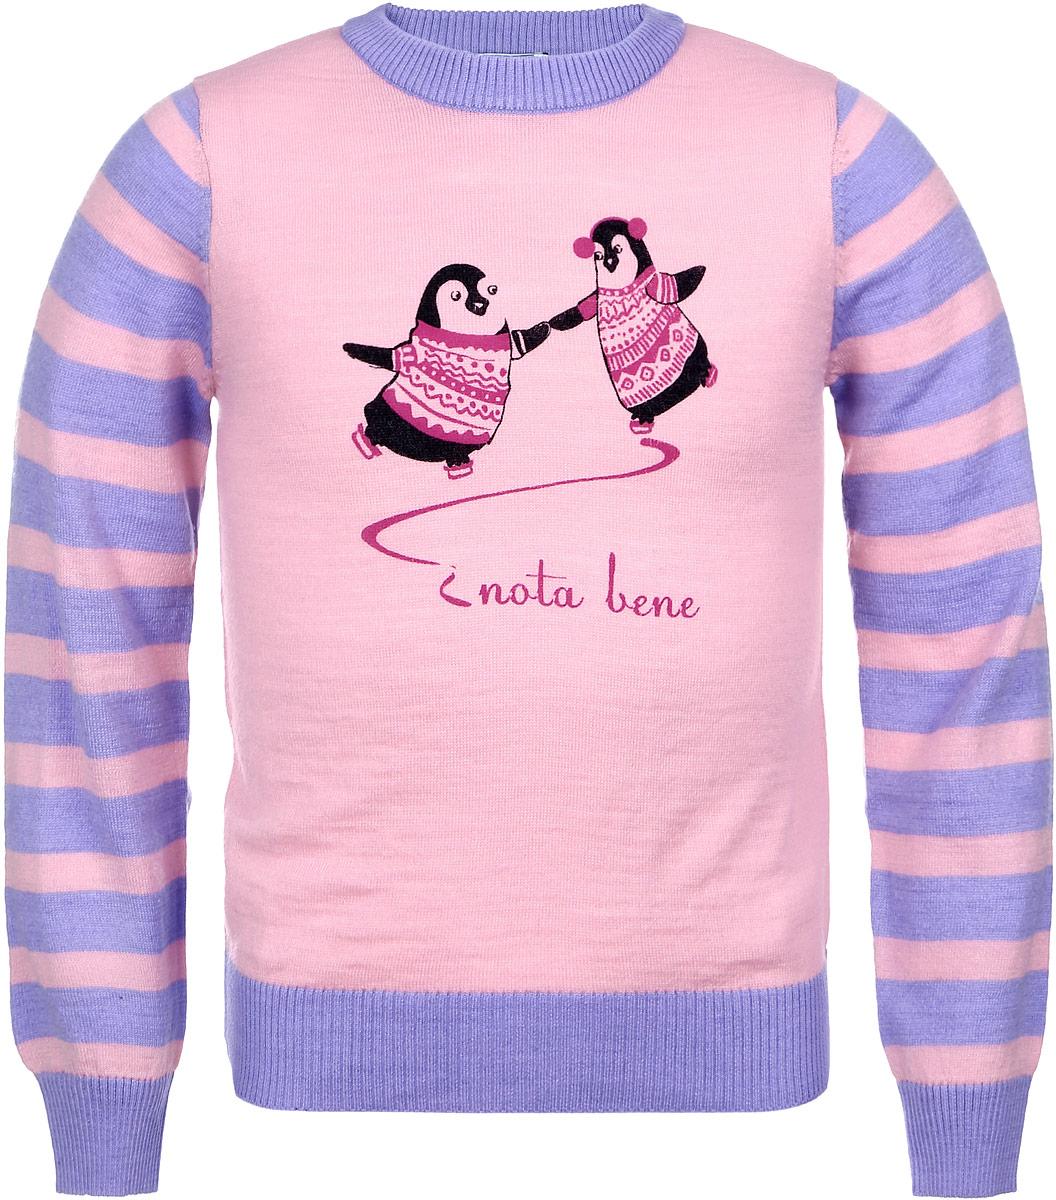 Джемпер для девочки Nota Bene, цвет: розовый, сиреневый. WK6441-56. Размер 98WK6441-56Модный джемпер для девочки Nota Bene подарит вашей маленькой принцессе комфорт и удобство в прохладные дни. Изготовленный из высококачественной комбинированной пряжи, он необычайно мягкий и приятный на ощупь, не сковывает движения малышки и позволяет коже дышать, не раздражает даже самую нежную и чувствительную детскую кожу, обеспечивая наибольший комфорт. Джемпер с длинными рукавами и круглым вырезом горловины превосходно тянется и отлично сидит. Горловина, манжеты рукавов и низ джемпера связаны резинкой. Джемпер украшен рисунком в виде двух пингвинов на коньках. Оригинальный современный дизайн и модная расцветка делают этот джемпер практичным и стильным предметом детского гардероба. В нем ваша дочурка будет чувствовать себя уютно и комфортно и всегда будет в центре внимания!